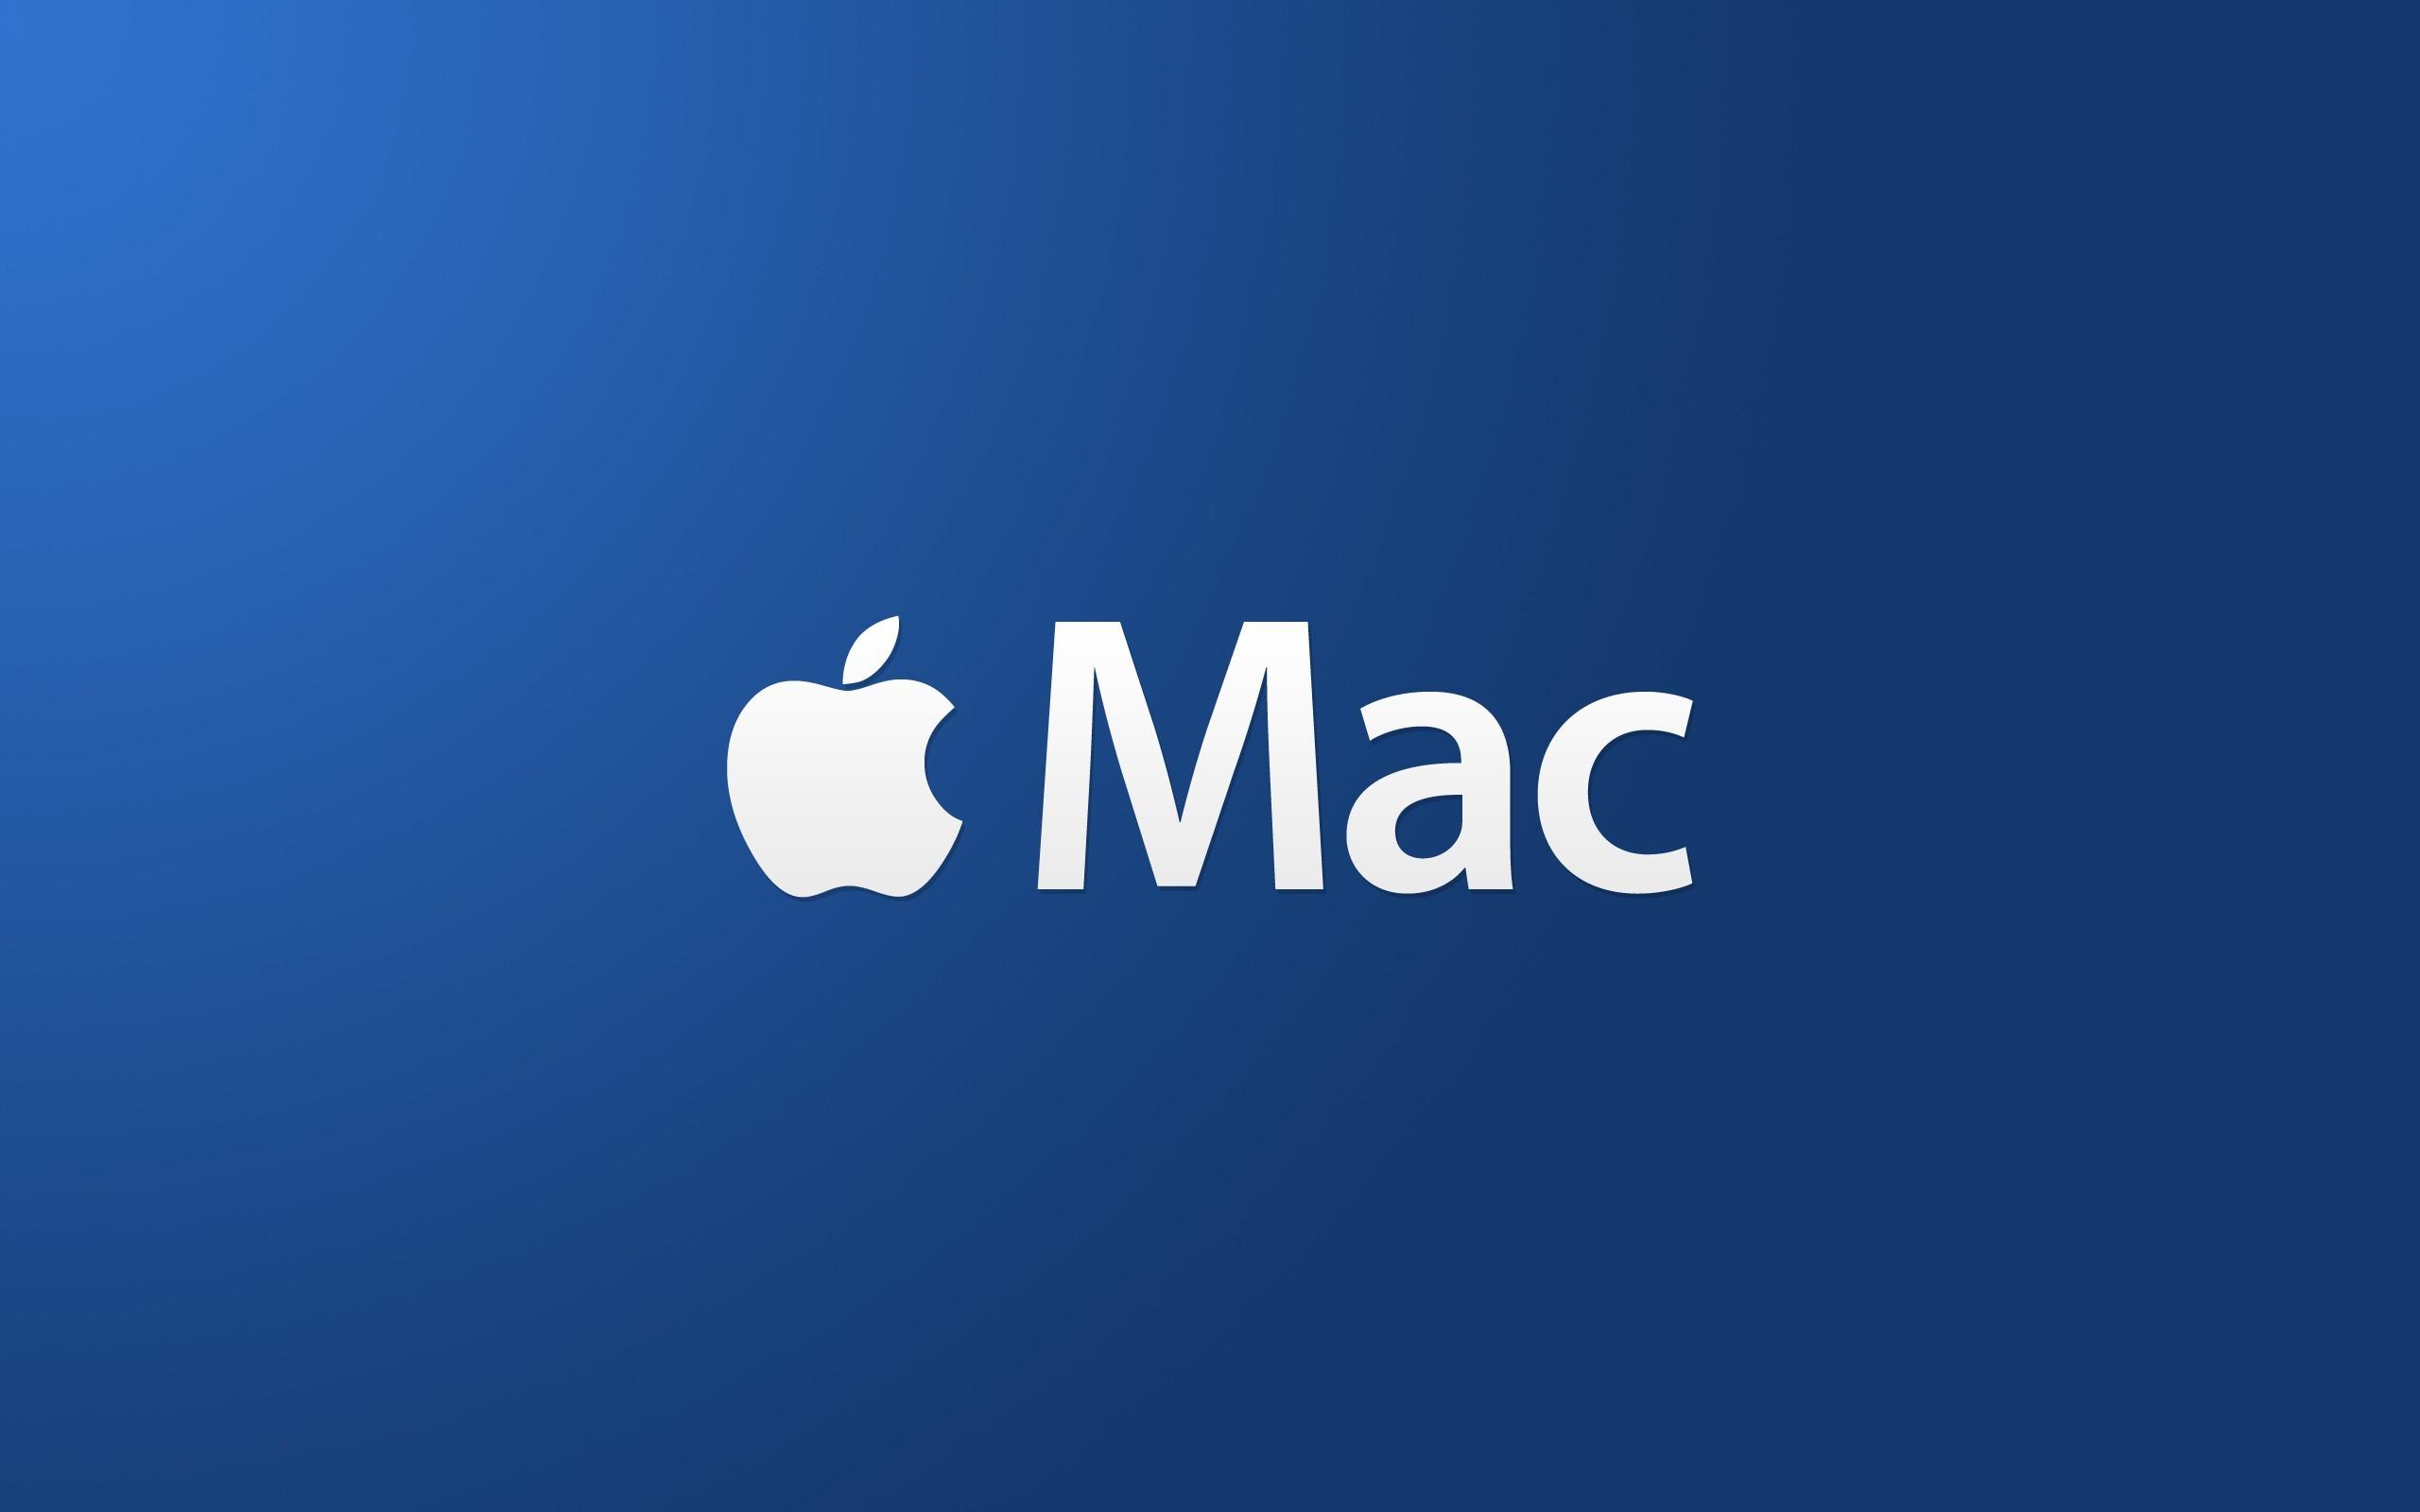 Most Inspiring Wallpaper Music Macbook - 981673-apple-logo-hd-wallpaper-2560x1600-pc  Photograph_827153.jpg